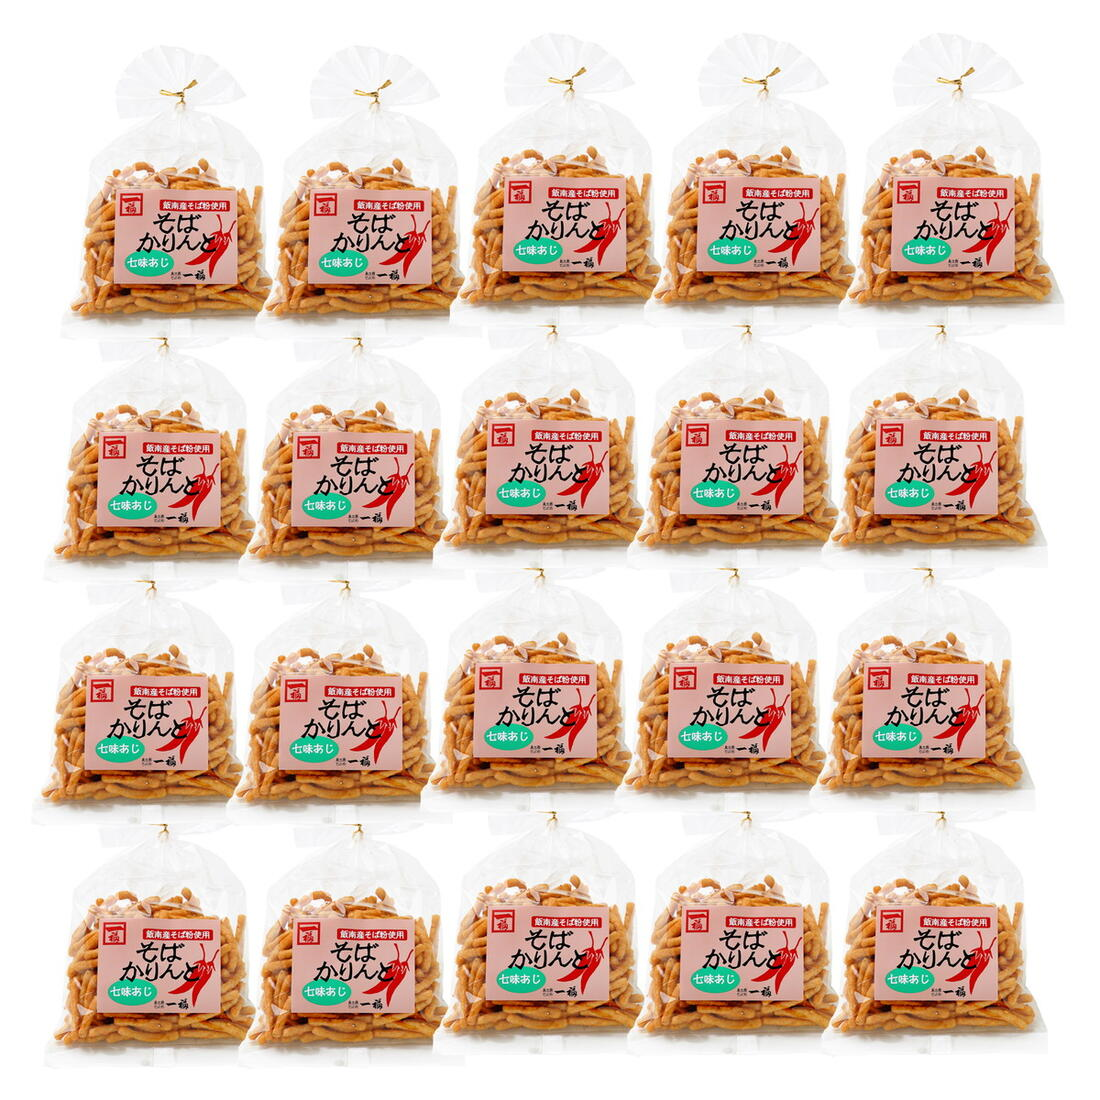 島根 そばかりんとう お菓子 ピリ辛 [奥出雲そば処一福] そばかりんと七味あじセット 130g×20